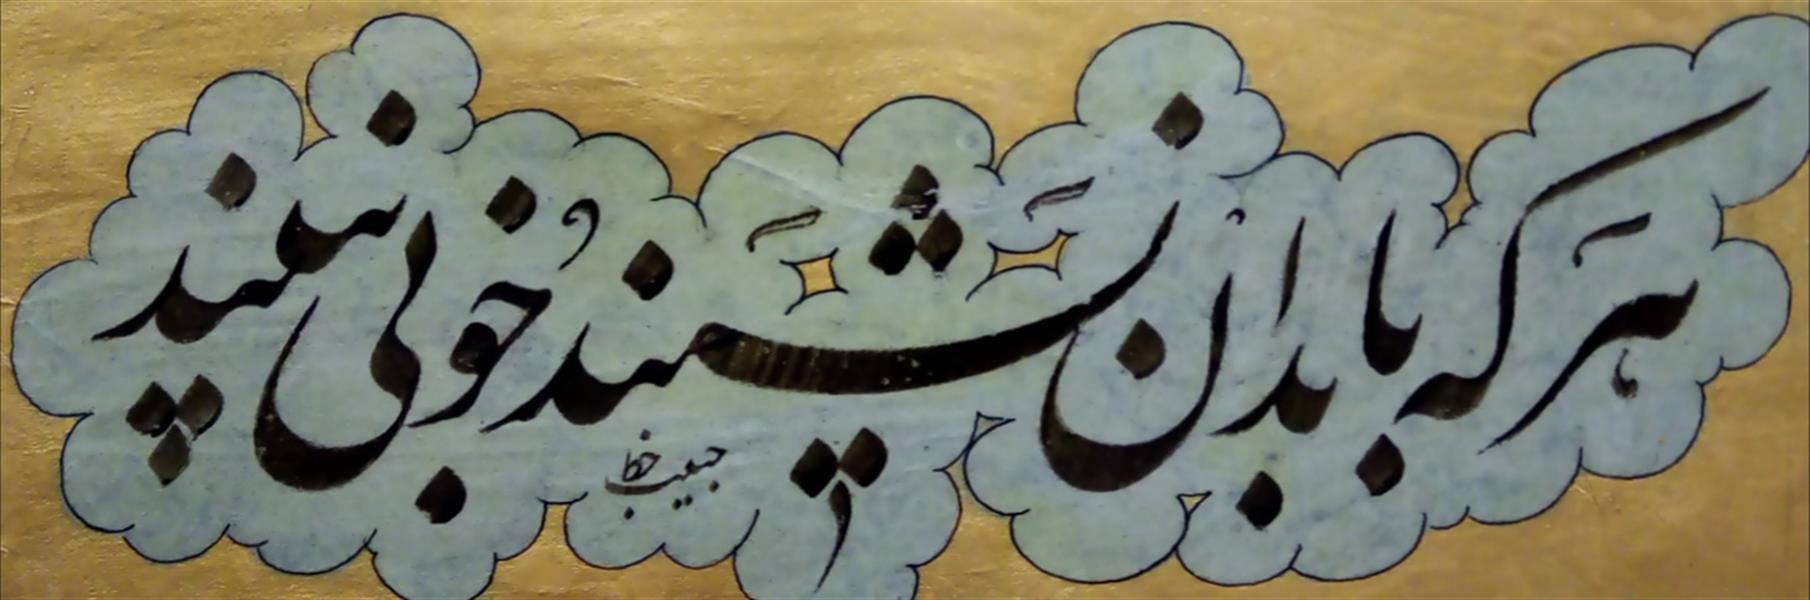 هنر خوشنویسی محفل خوشنویسی (Hghgallery(Habib Ghanbari هر که با بدان نشیند خوبی نبیند خوشنویسی حبیب قنبری 1399 مرکب ترکیبی و قلم 9 میلیمتر